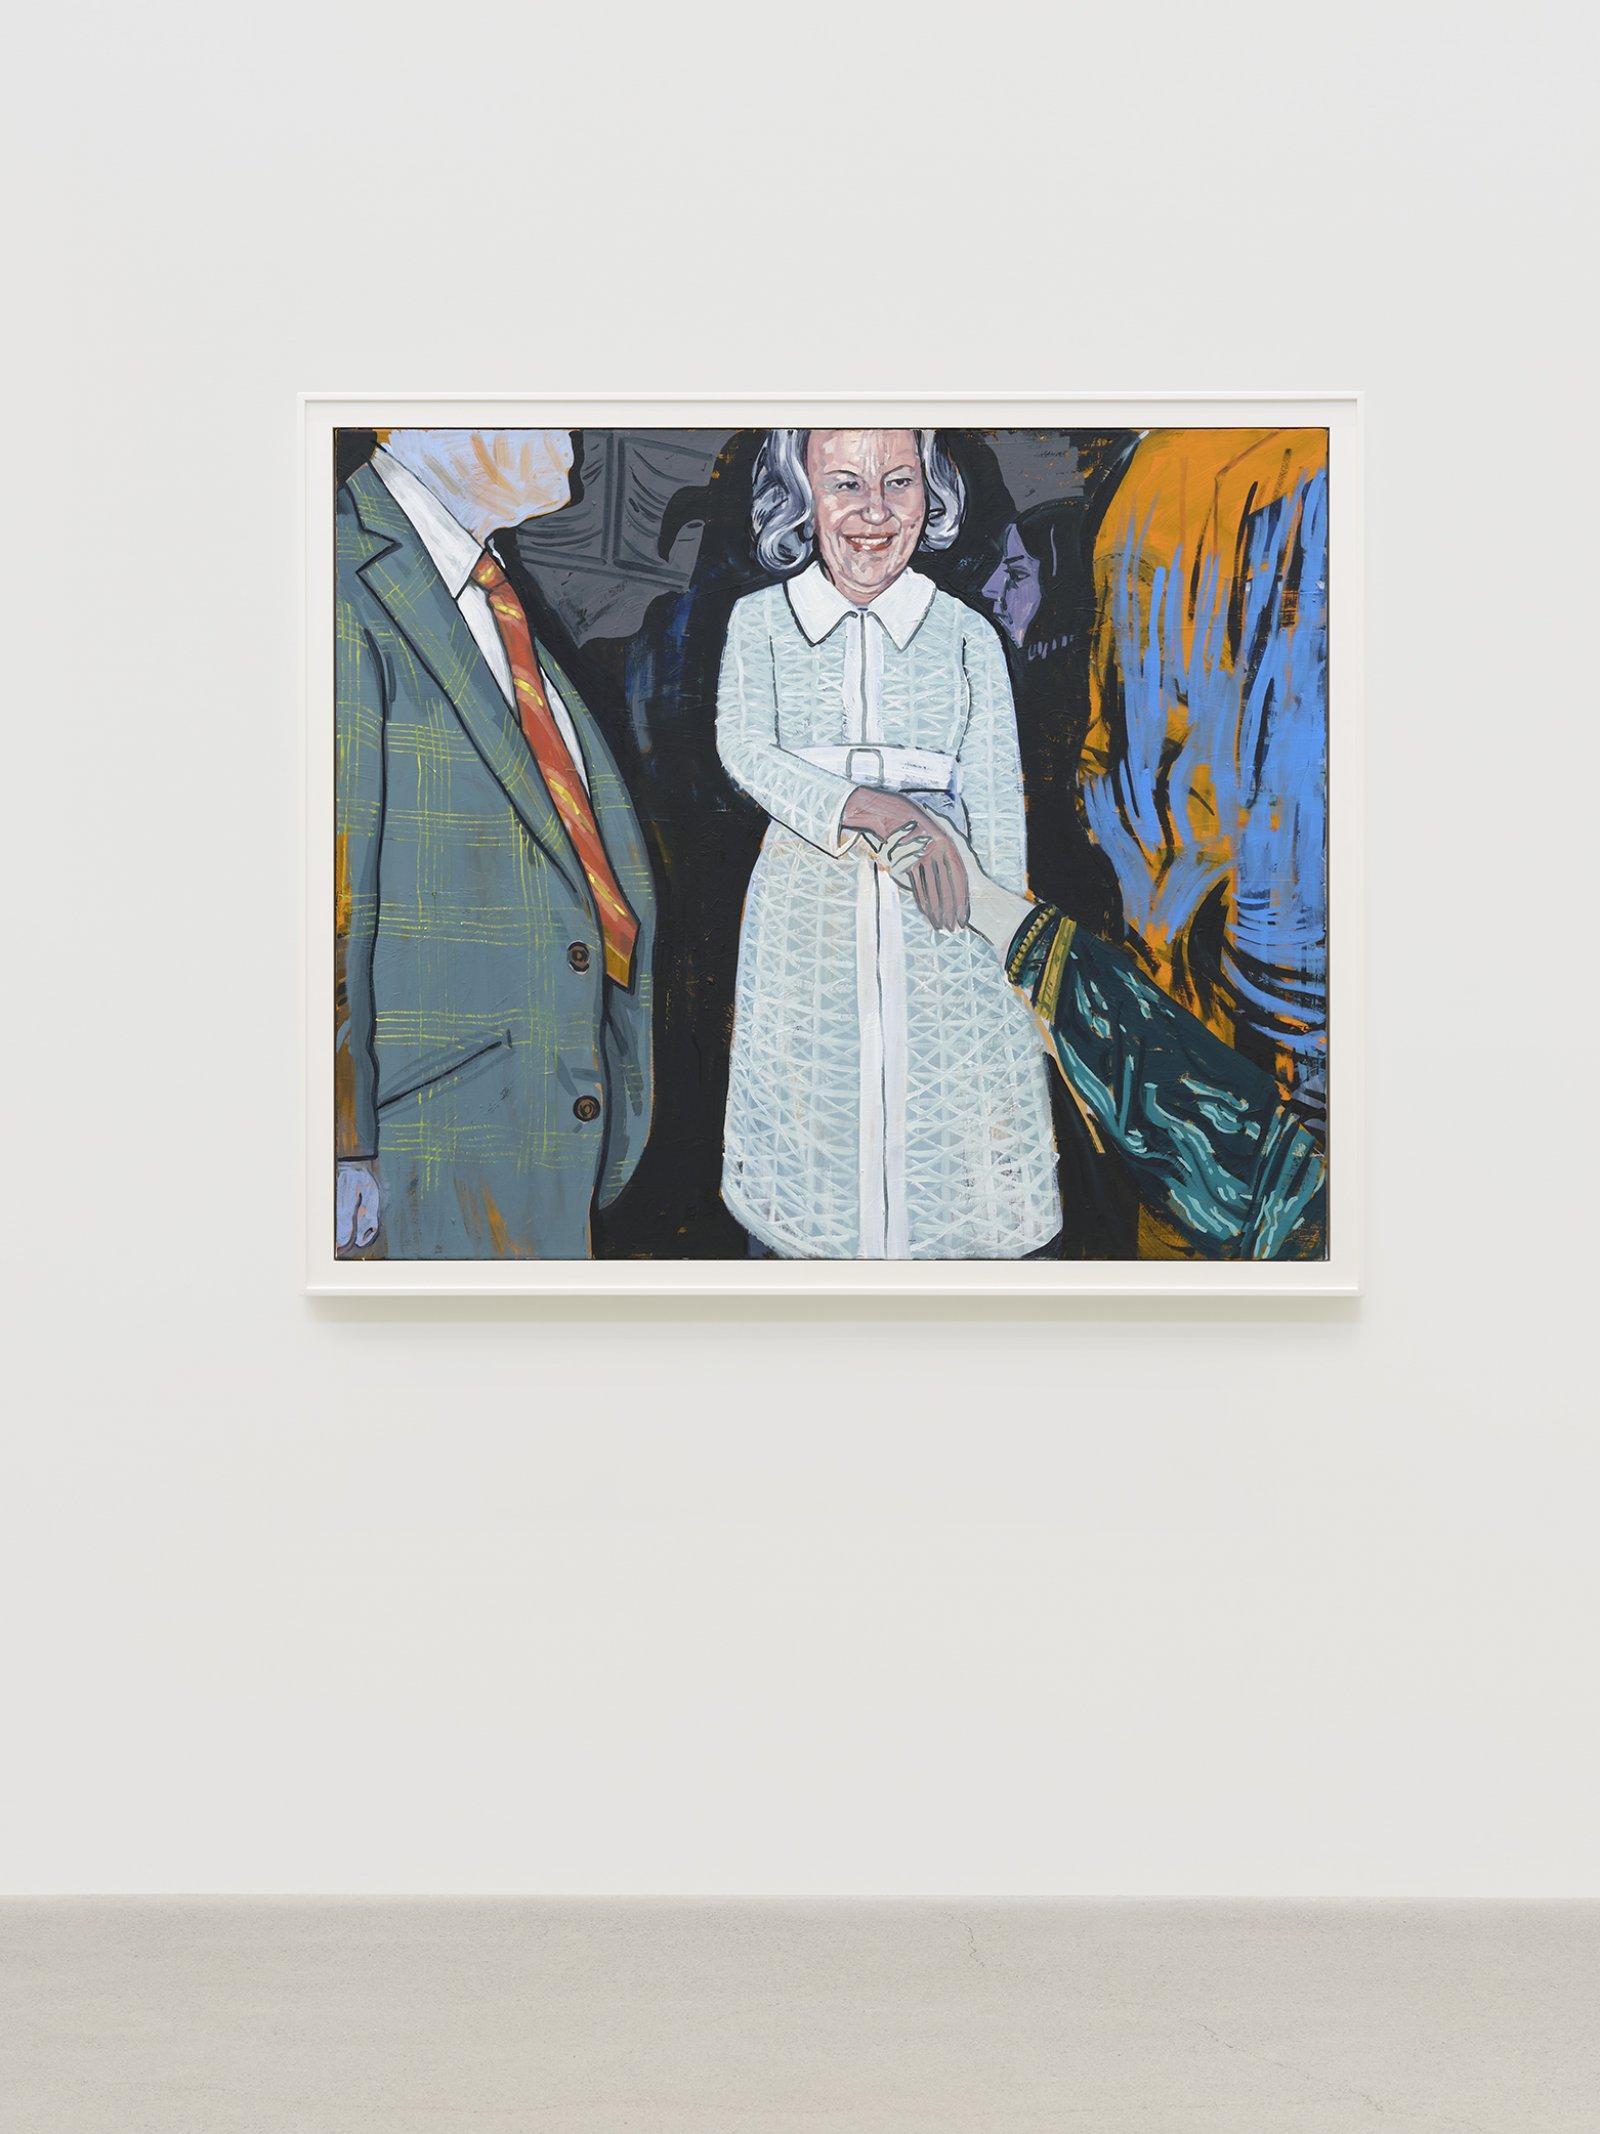 Damian Moppett, Patron (White Dress), 2020, oil on canvas, 50 x 58 in. (126 x 148 cm) by Damian Moppett